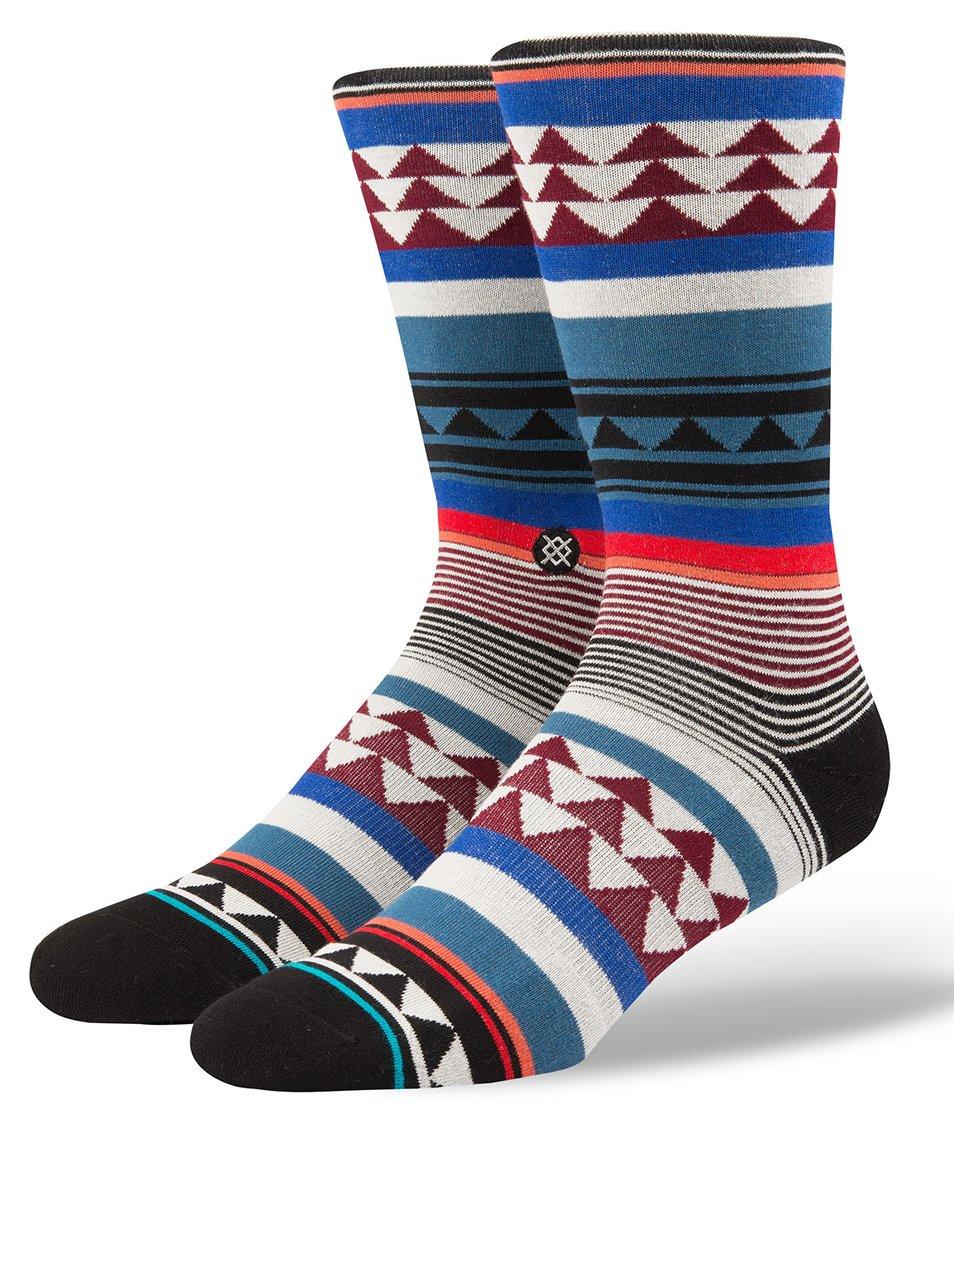 Vínovo-šedé pánské vzorované ponožky Stance Creek